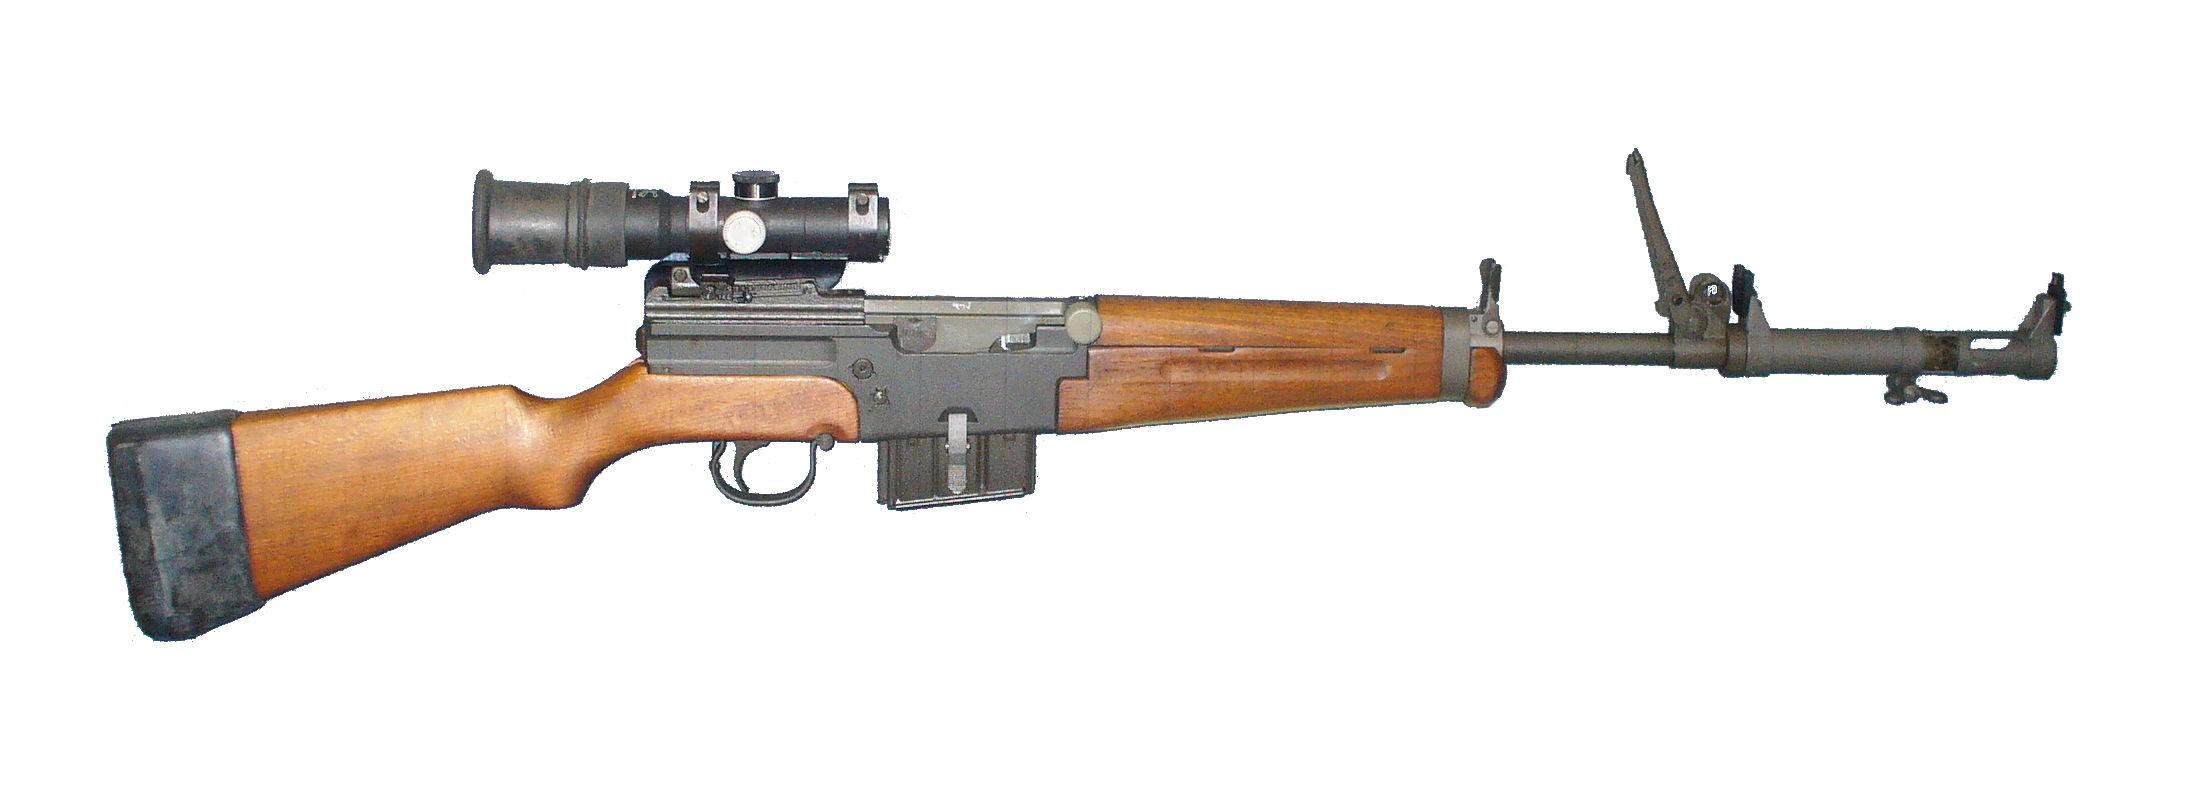 MAS-49 56